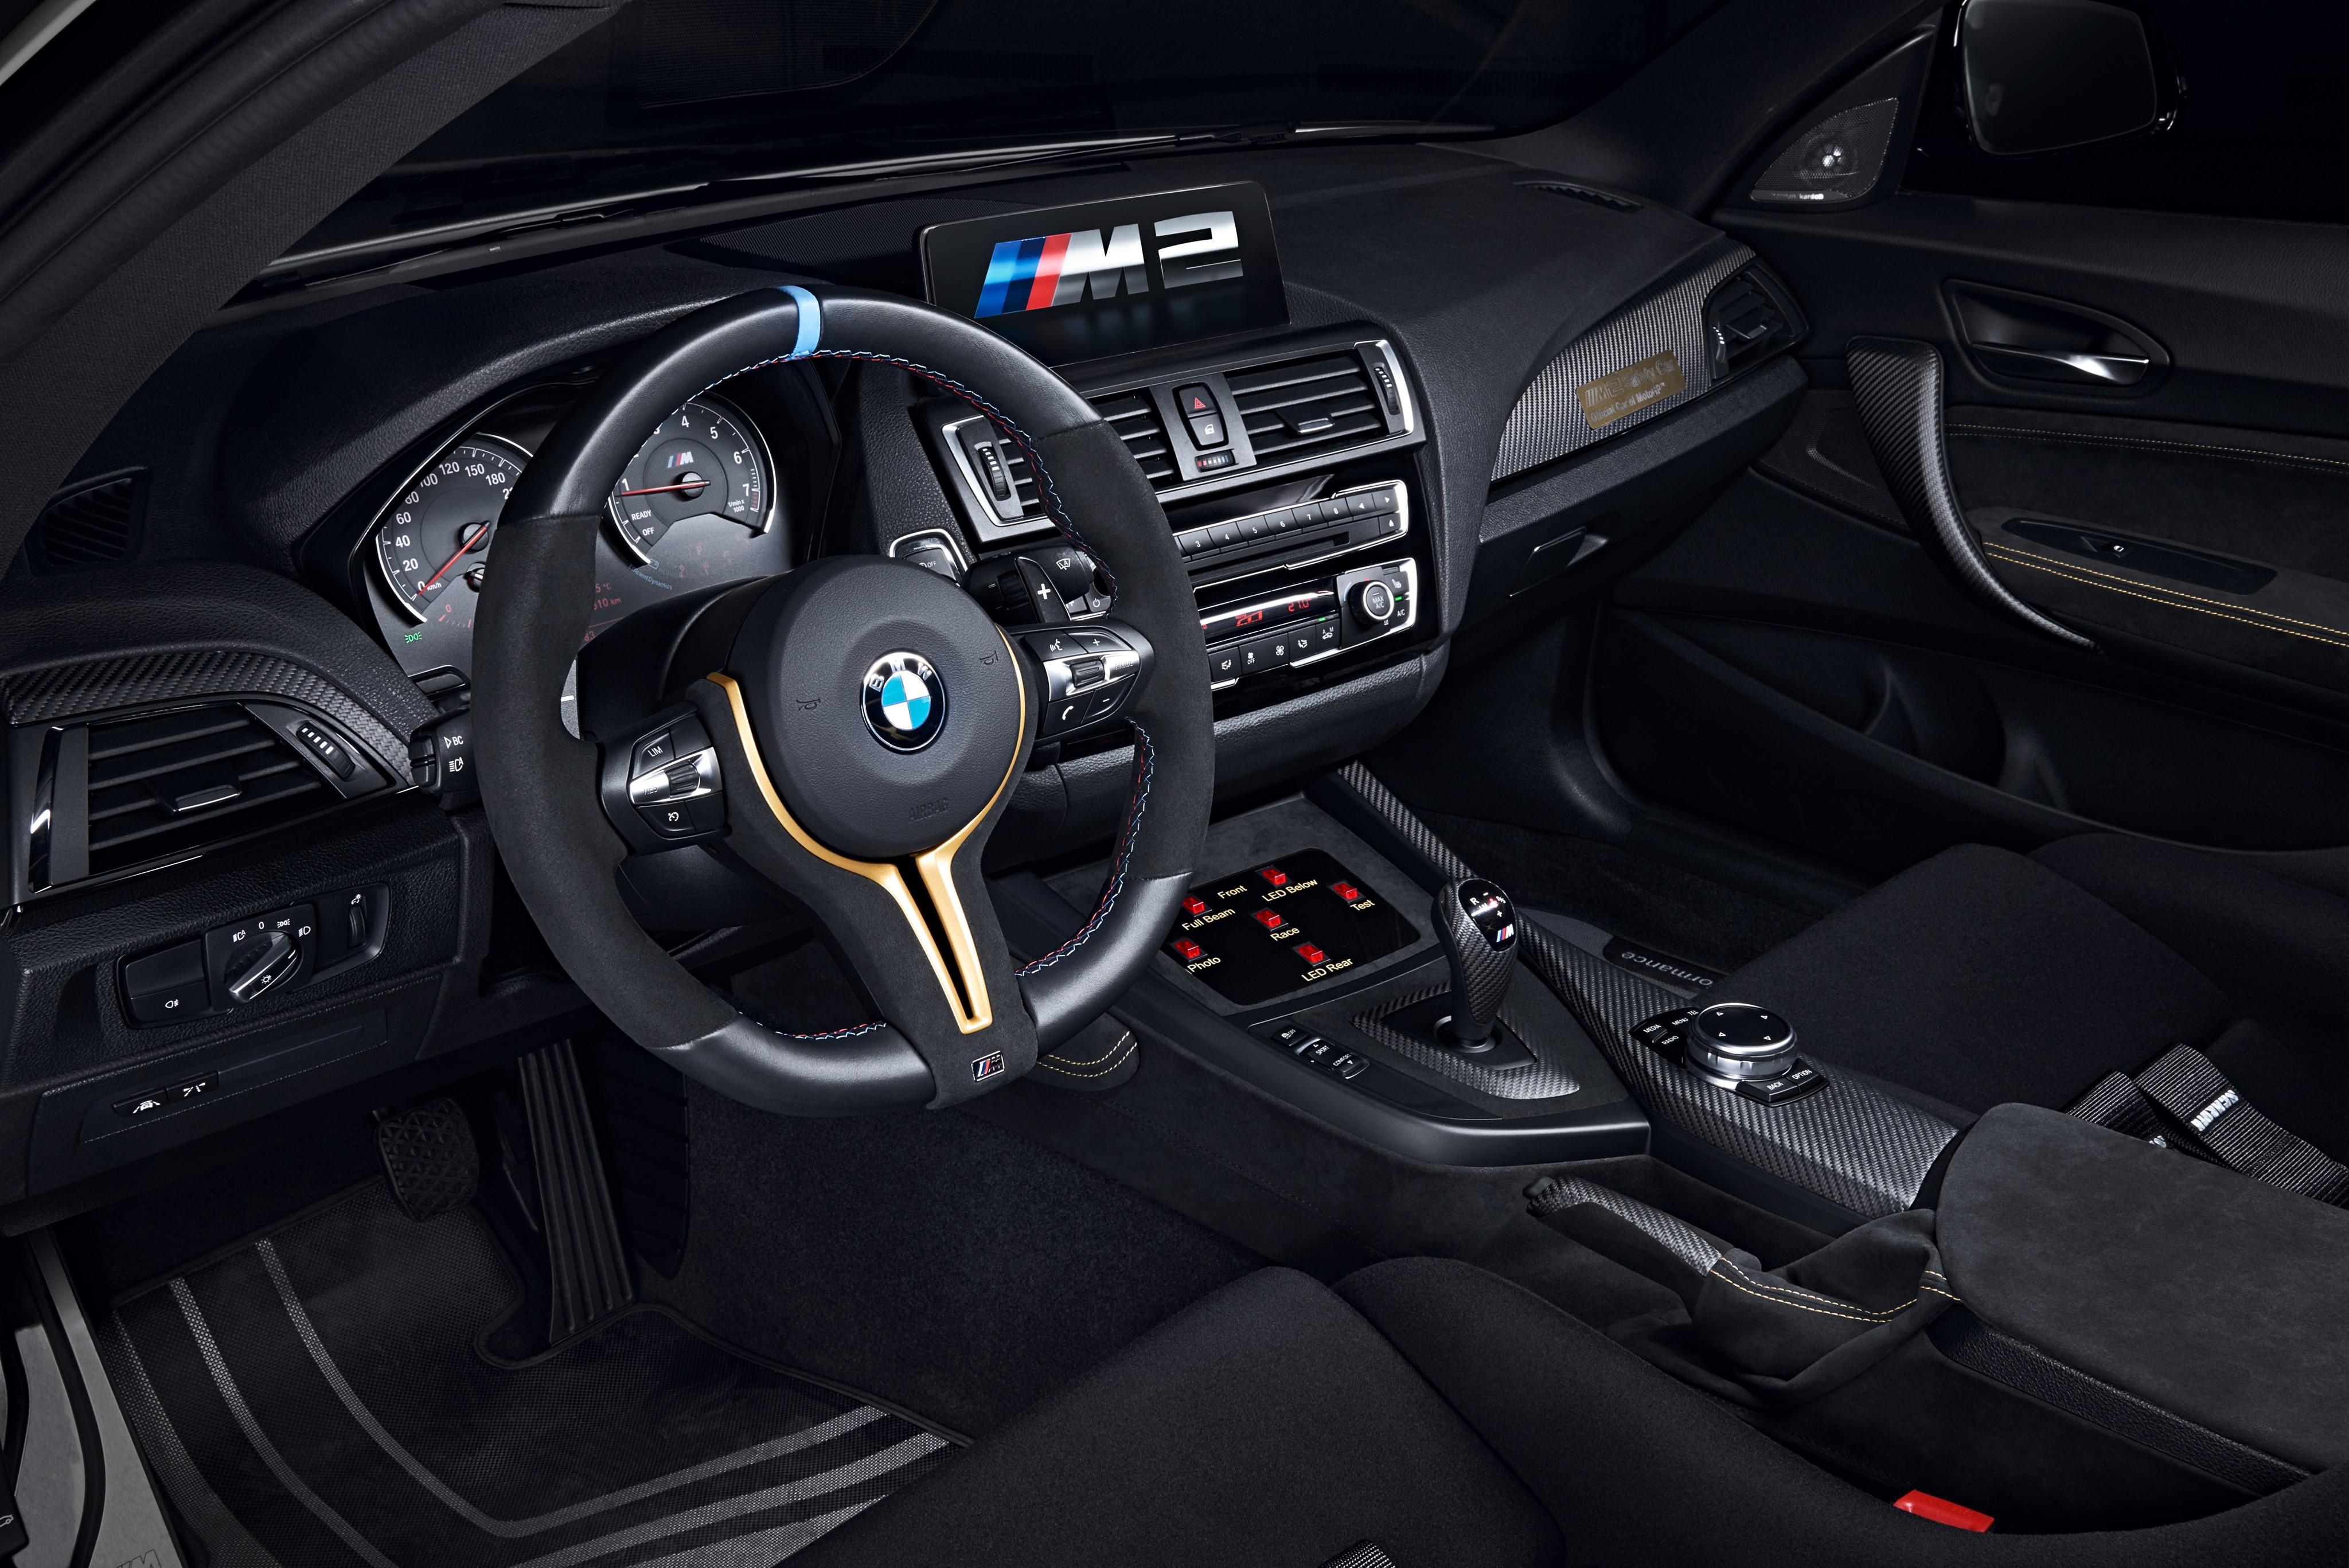 Wallpaper BMW M2 Coupé MotoGP, Safety Car, sport car, Cars & Bikes #8628